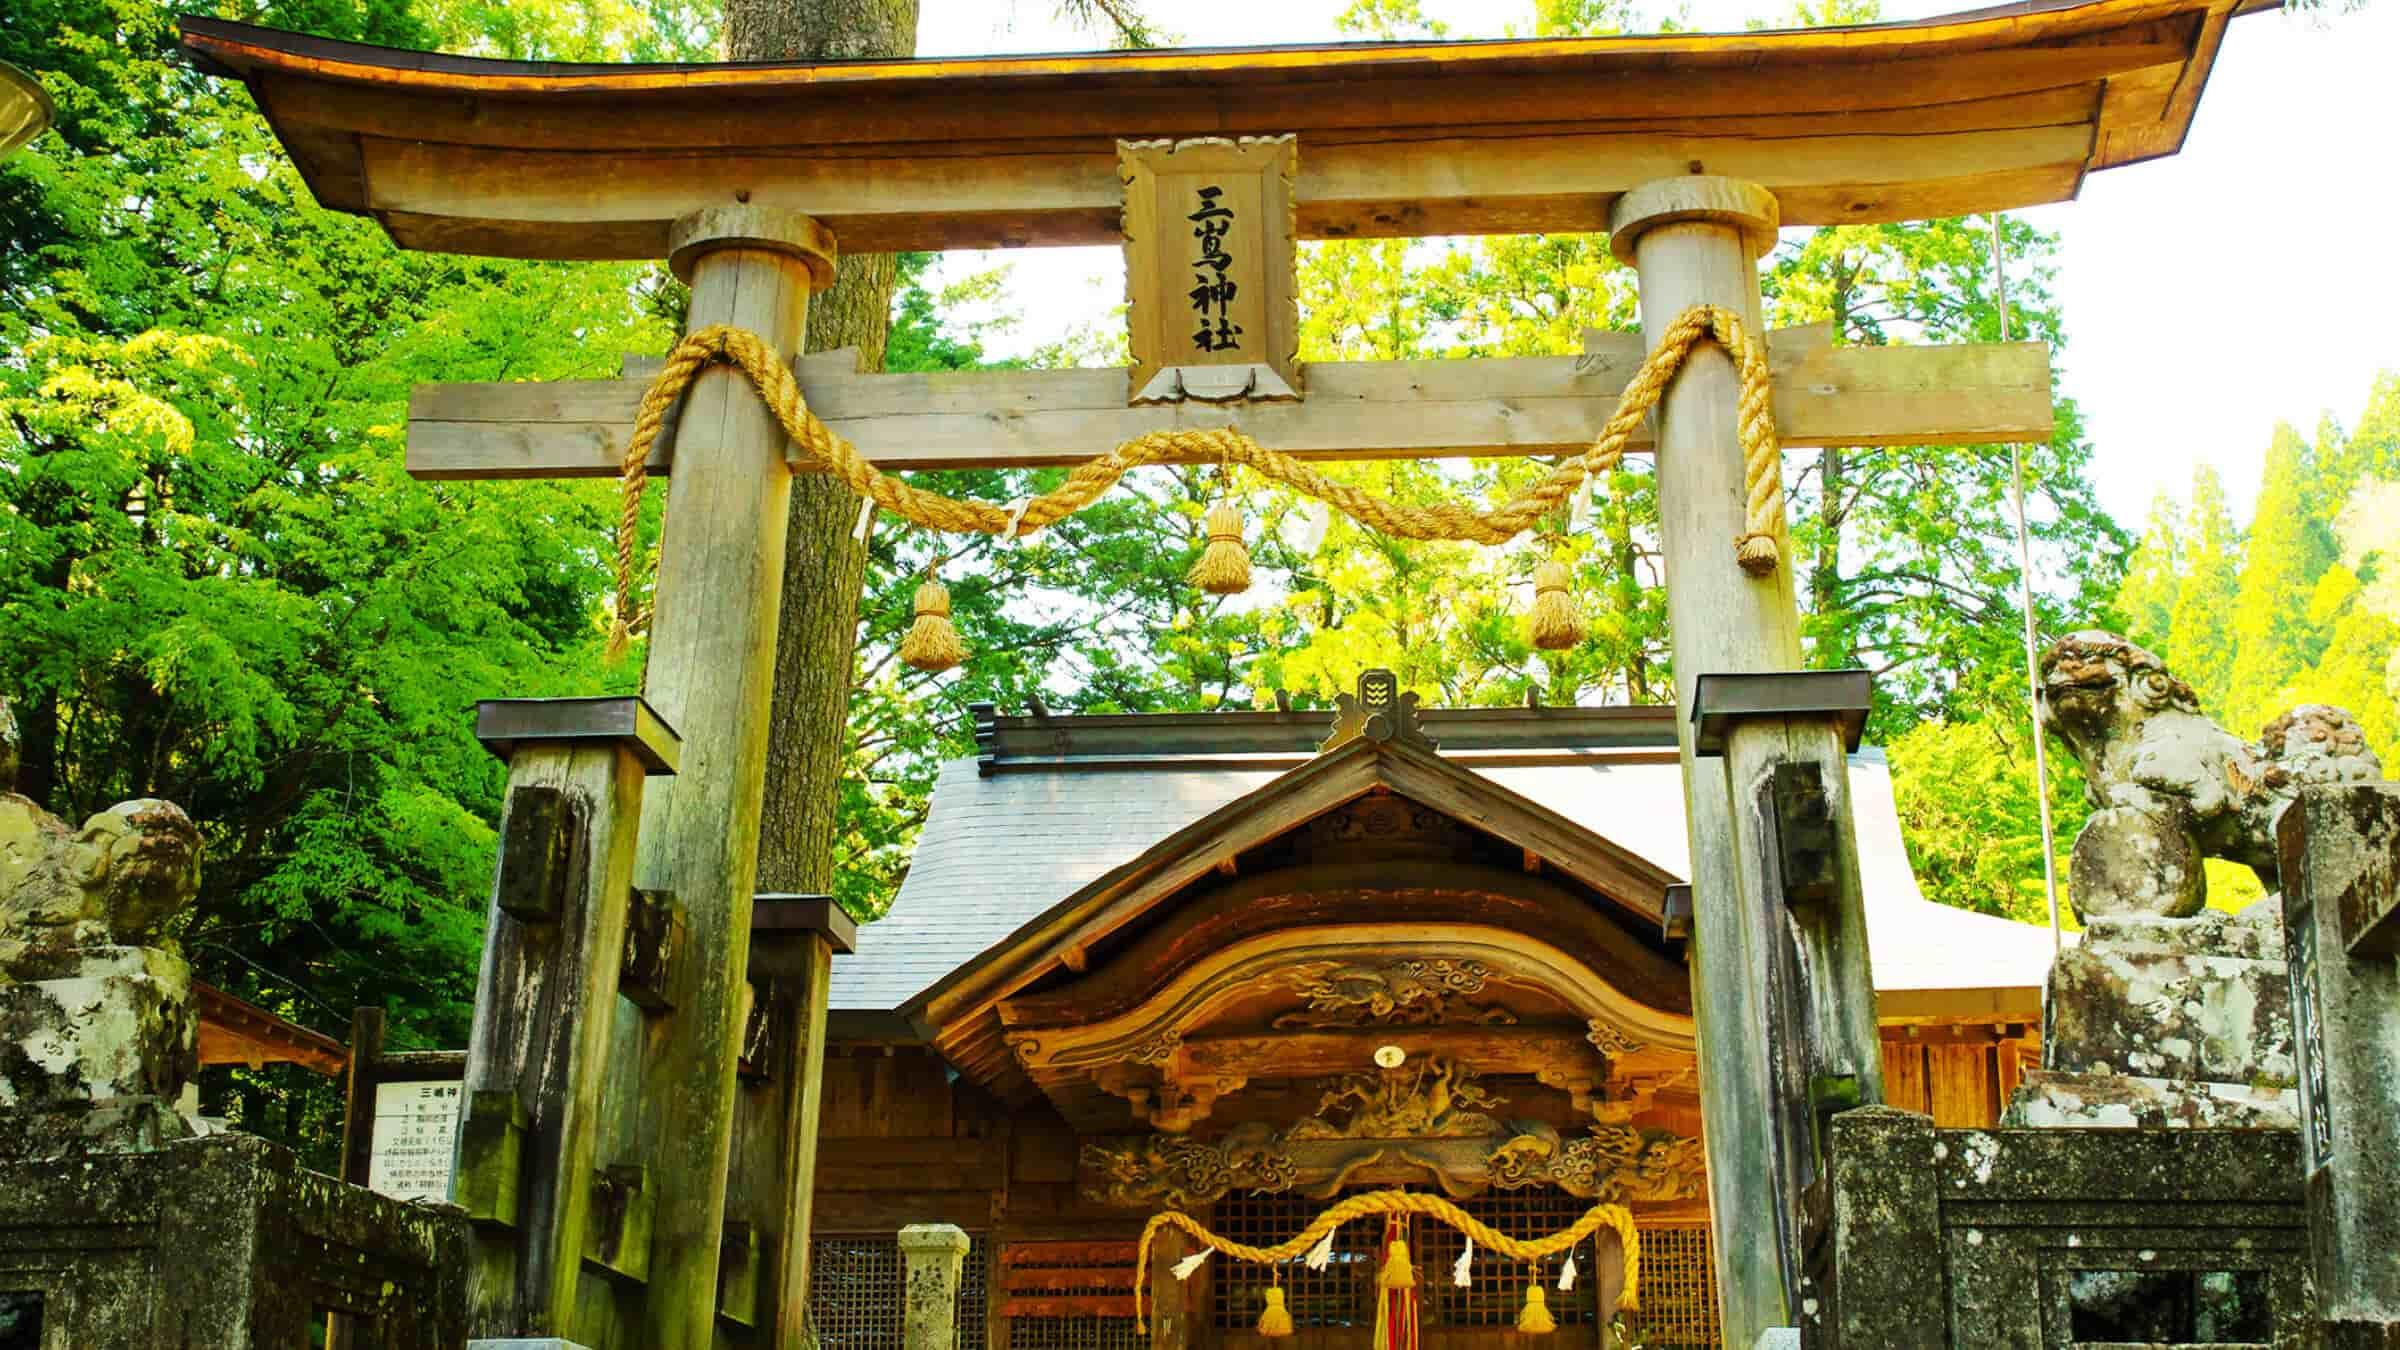 坂本龍馬も祈願した!?脱藩の軌跡を辿る「三嶋神社」